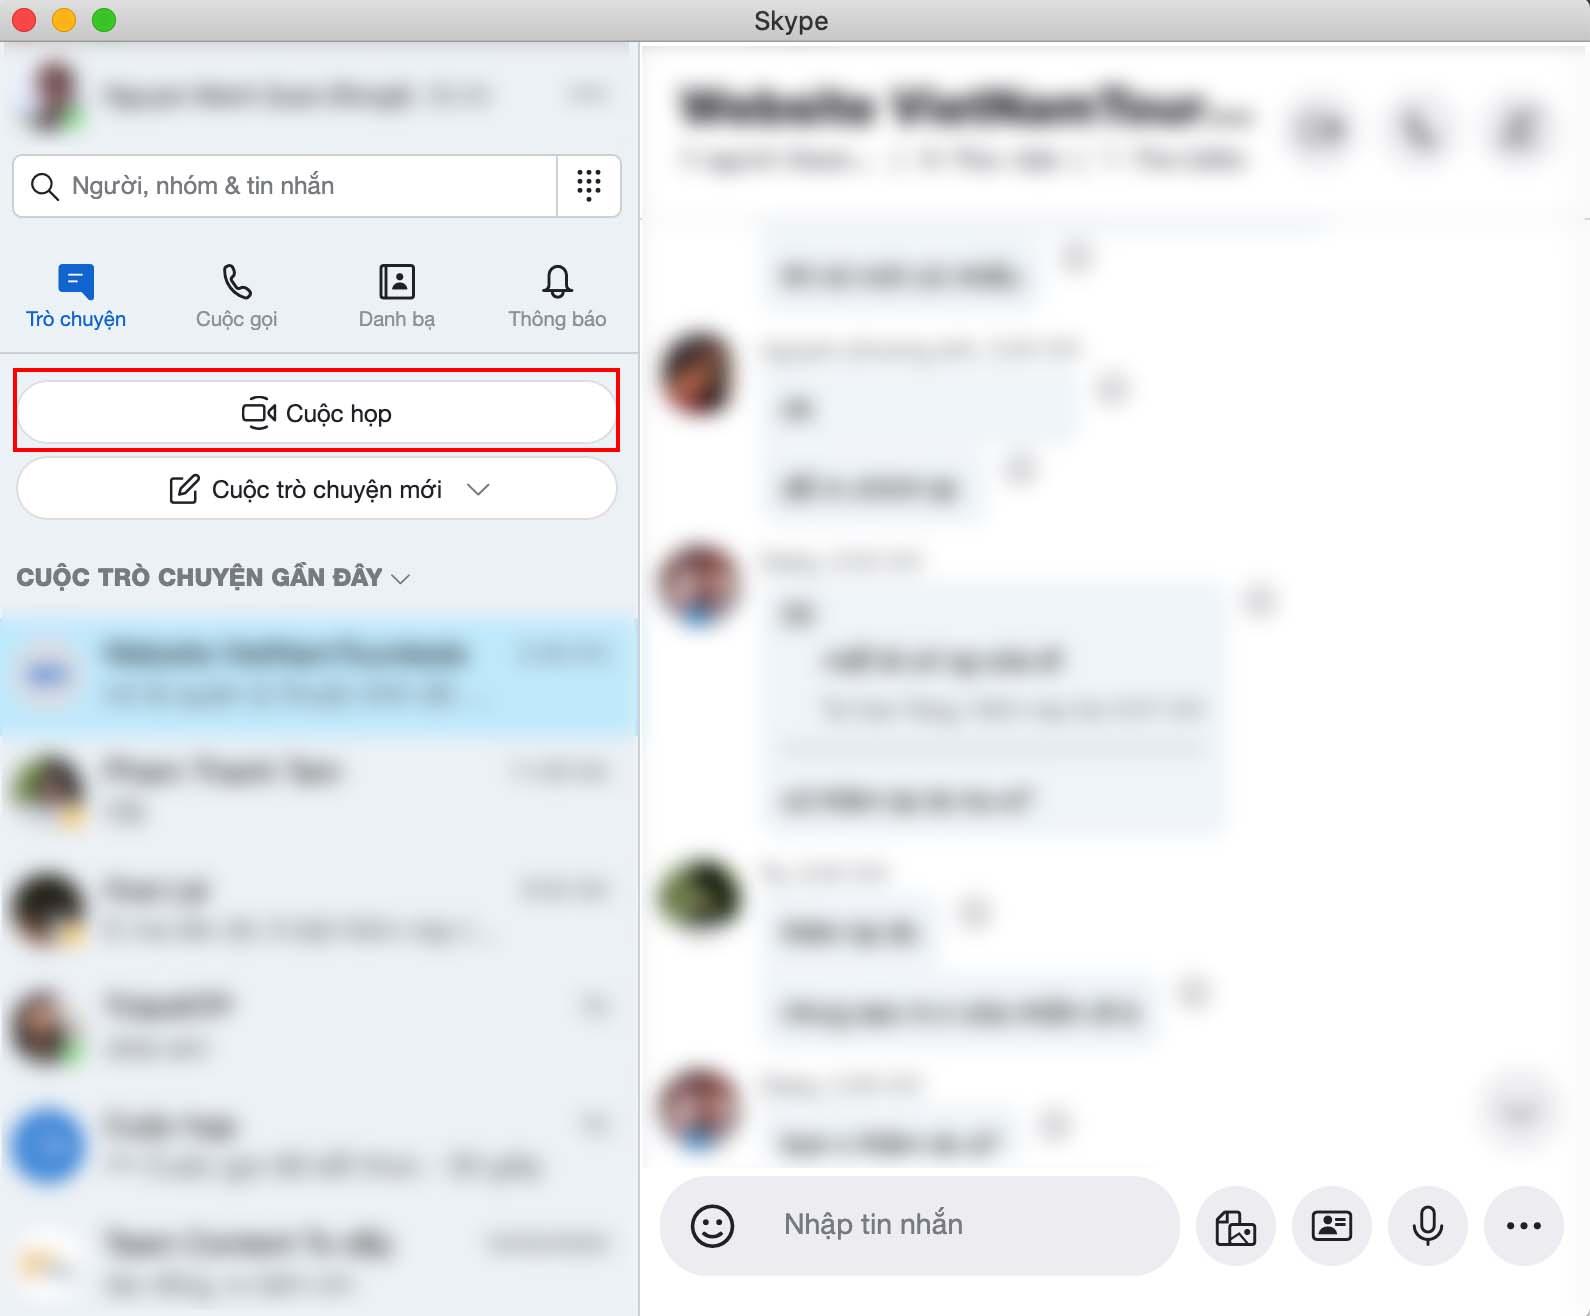 Hướng dẫn chi tiết cách sử dụng Skype để dạy học online - 6